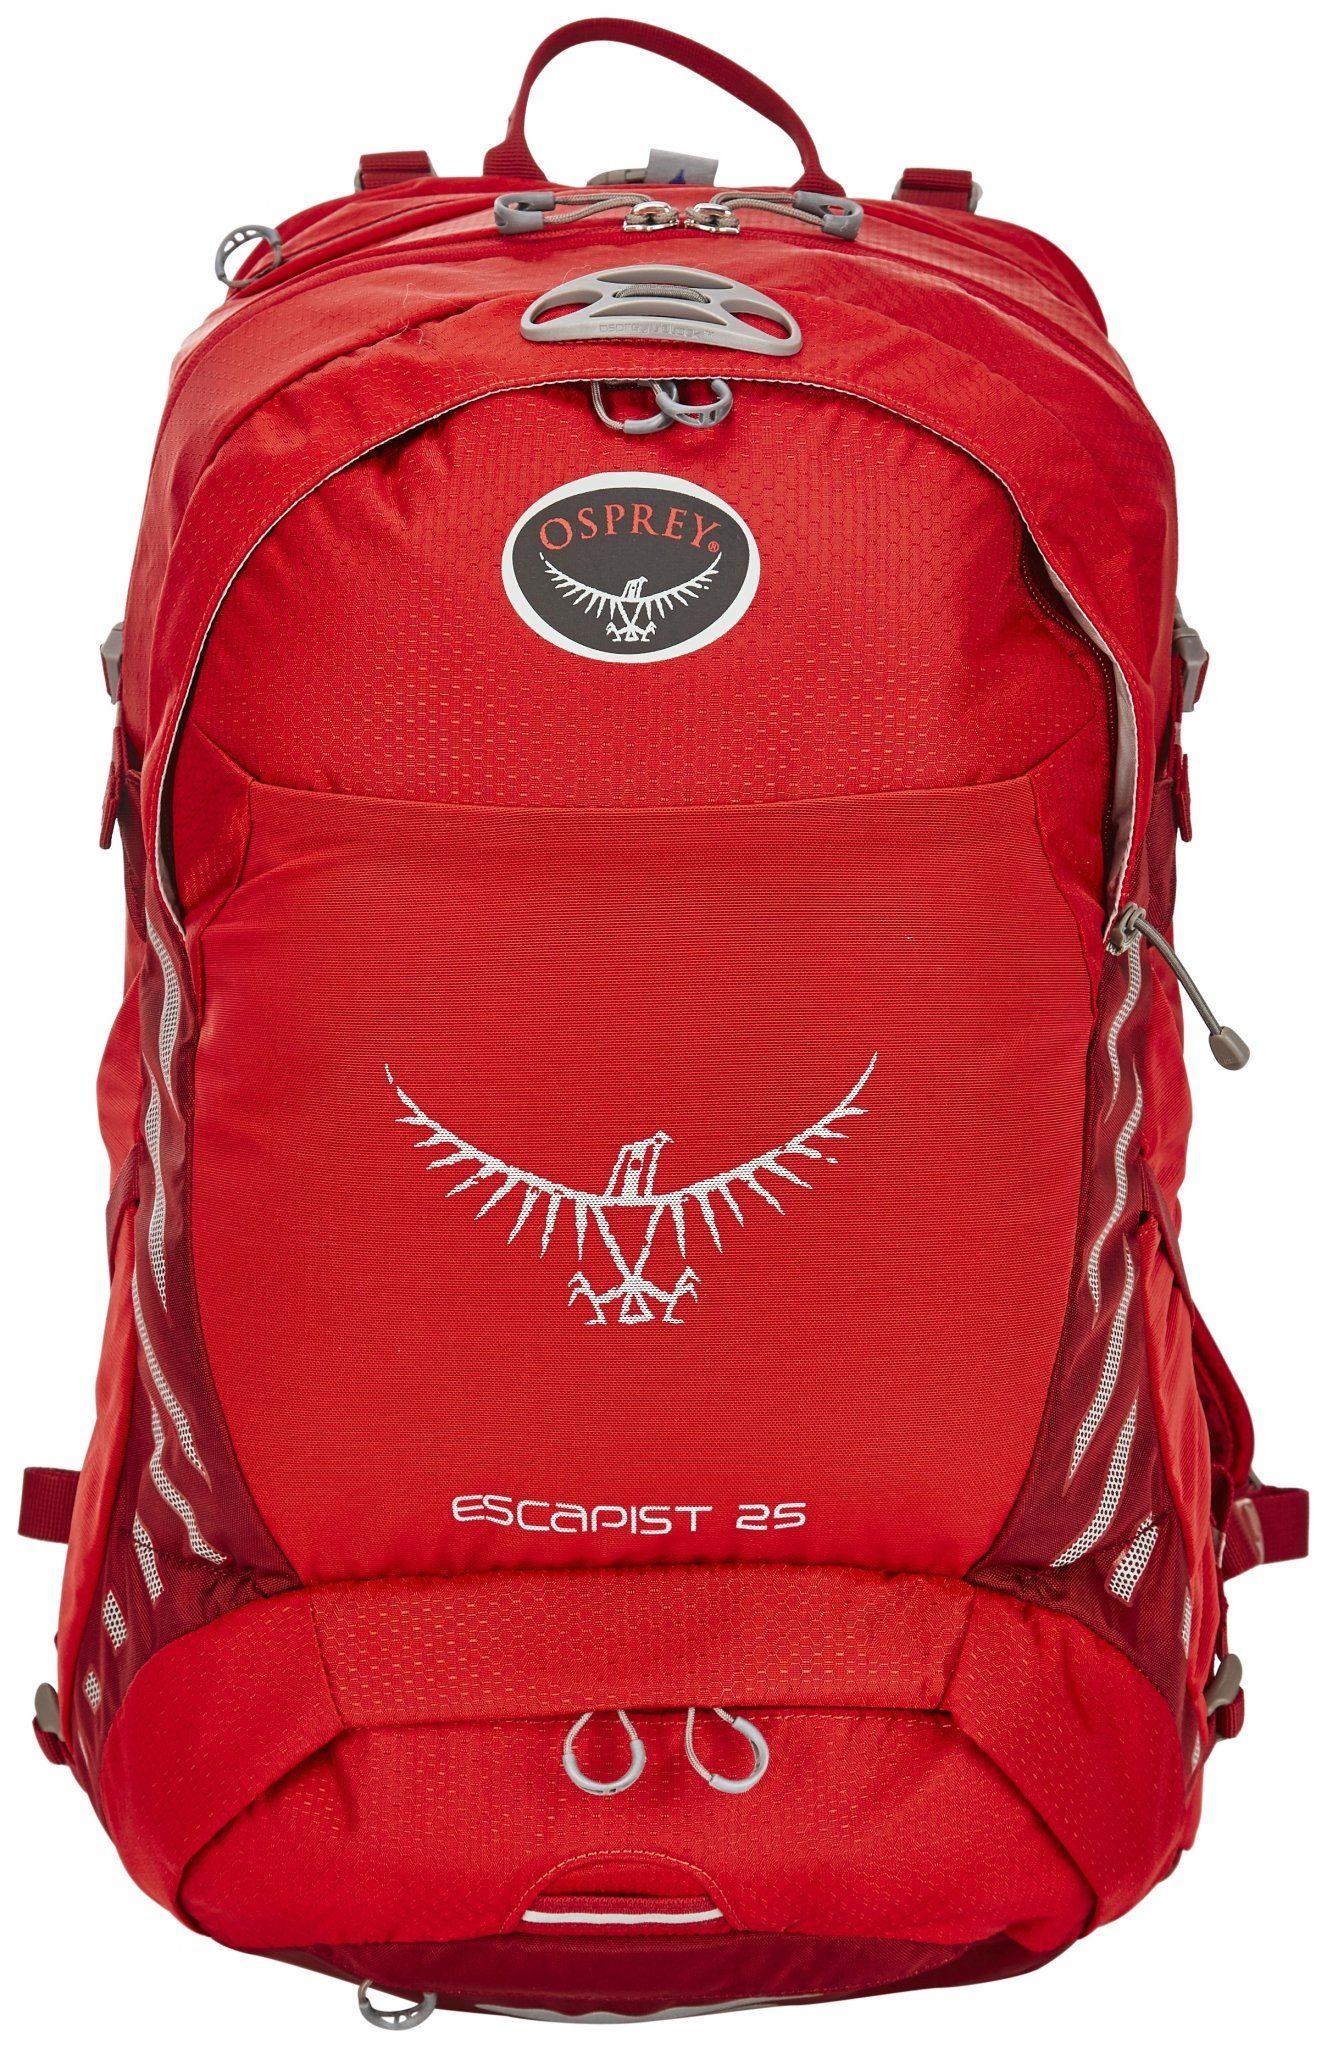 Osprey Rucksack »Escapist 25 Rucksack M/L«